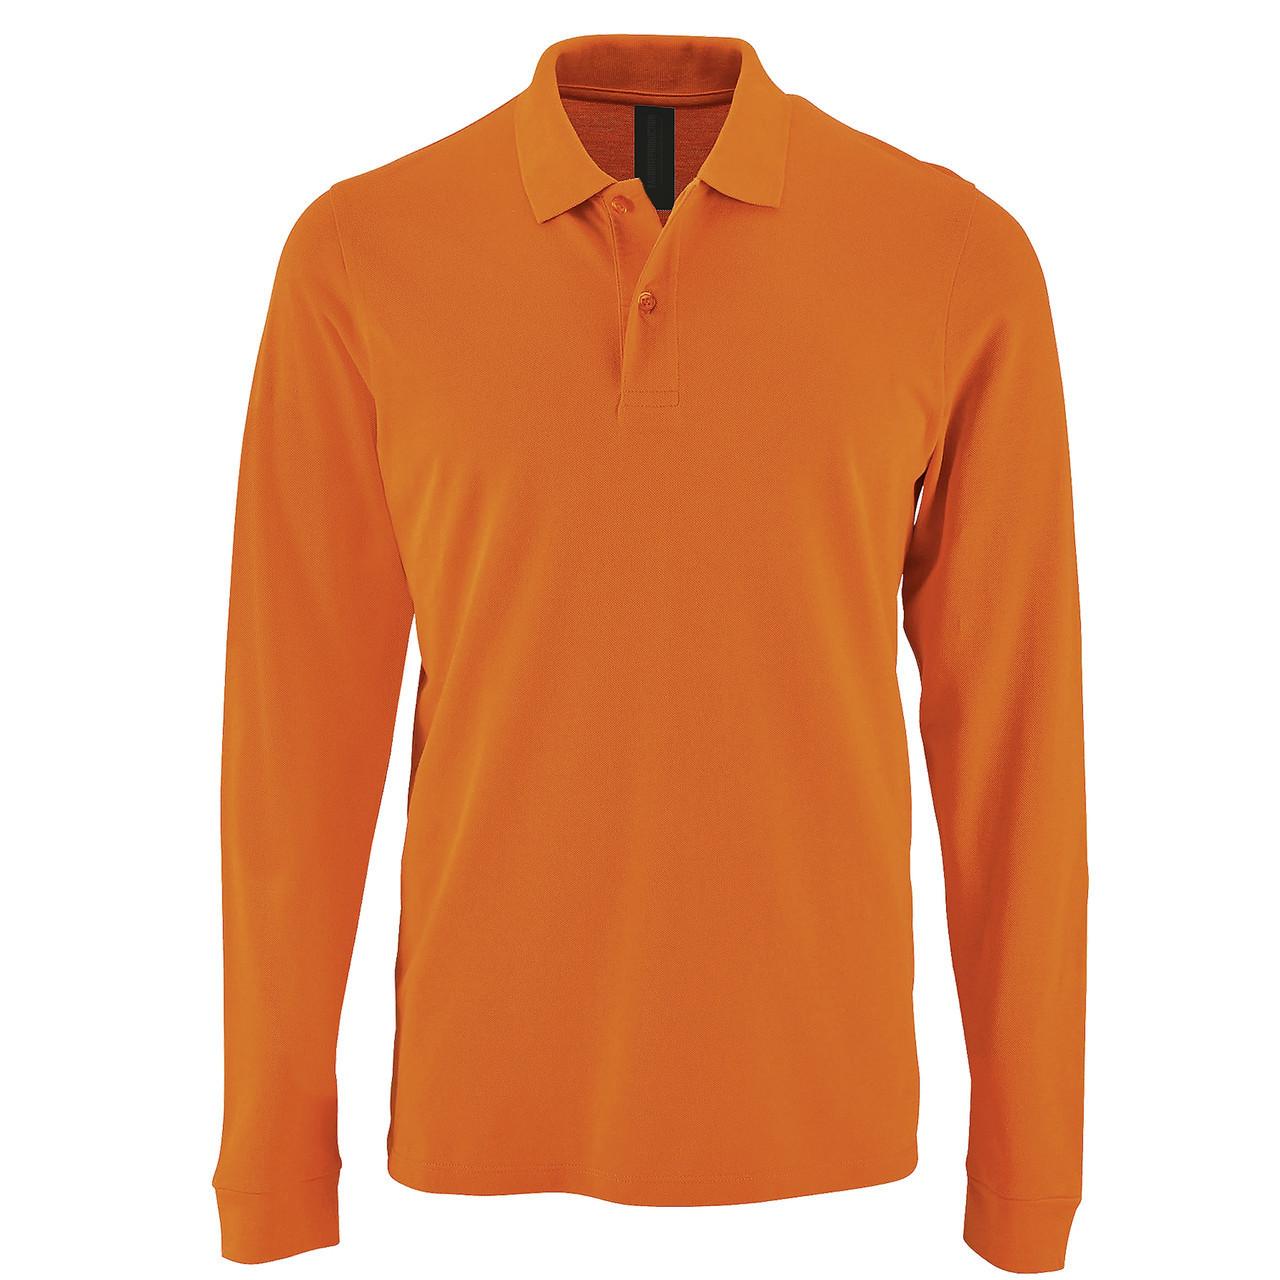 Футболка поло с длинным рукавом | Оранжевая | 200 г/м² M